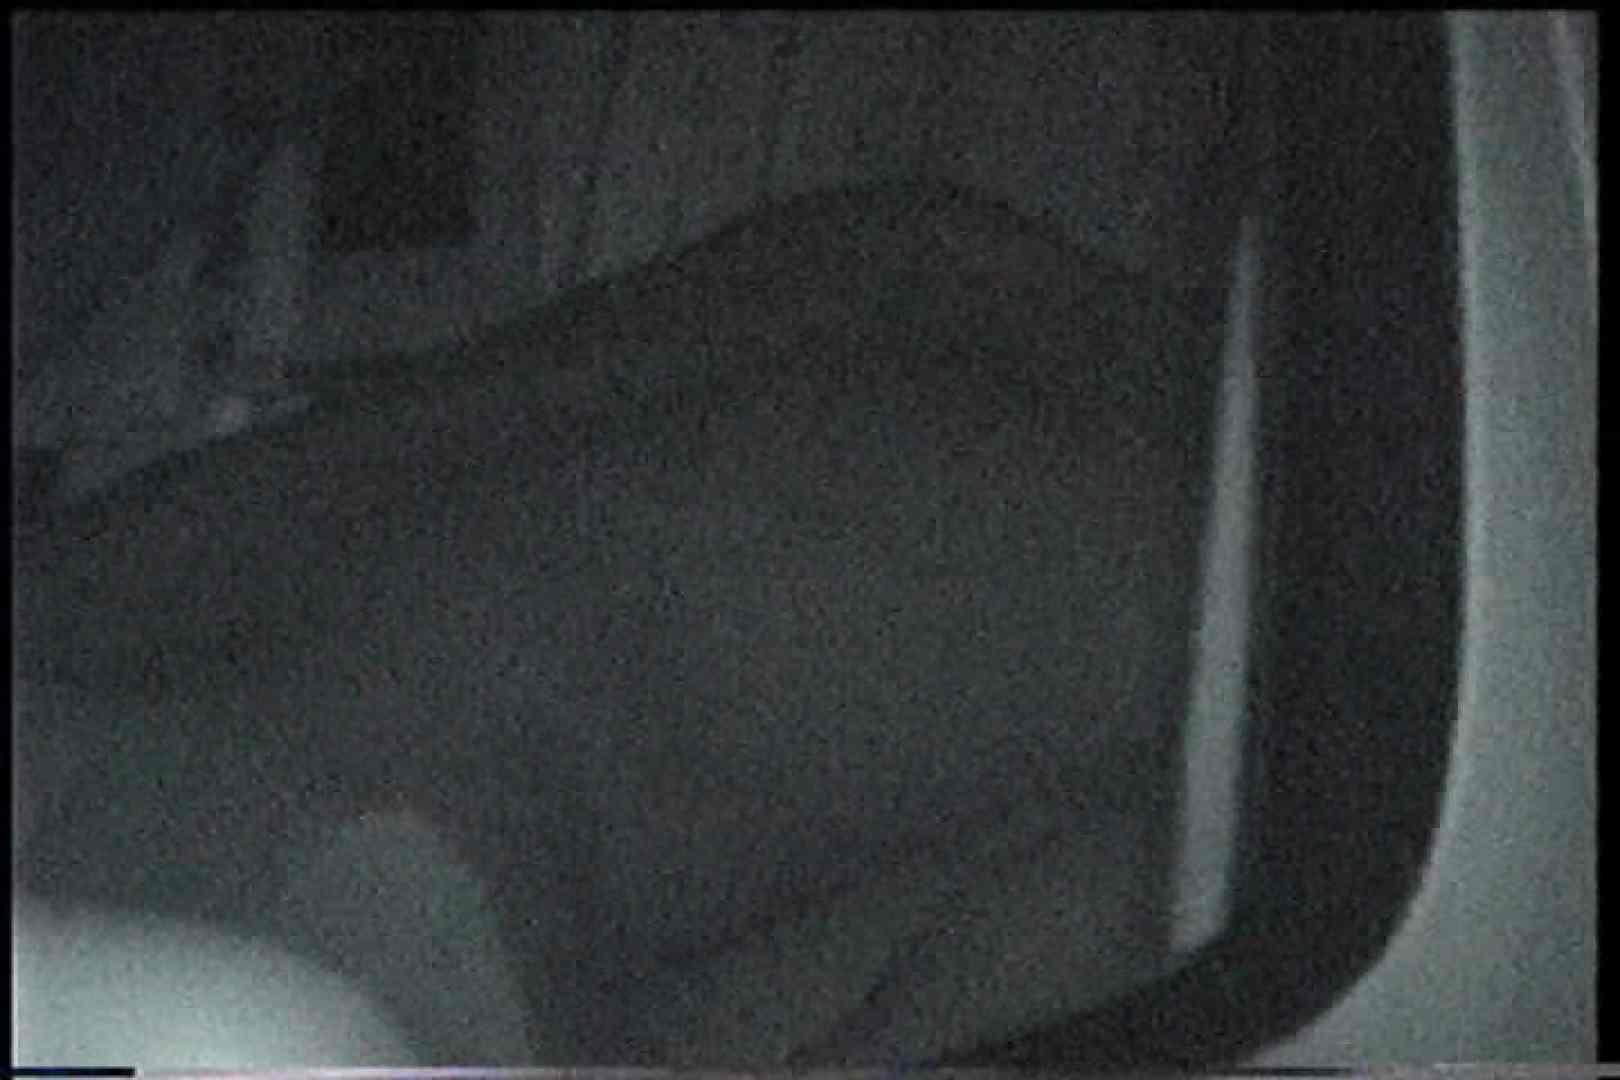 充血監督の深夜の運動会Vol.177 前編 エロティックなOL   カップル盗撮  88画像 77